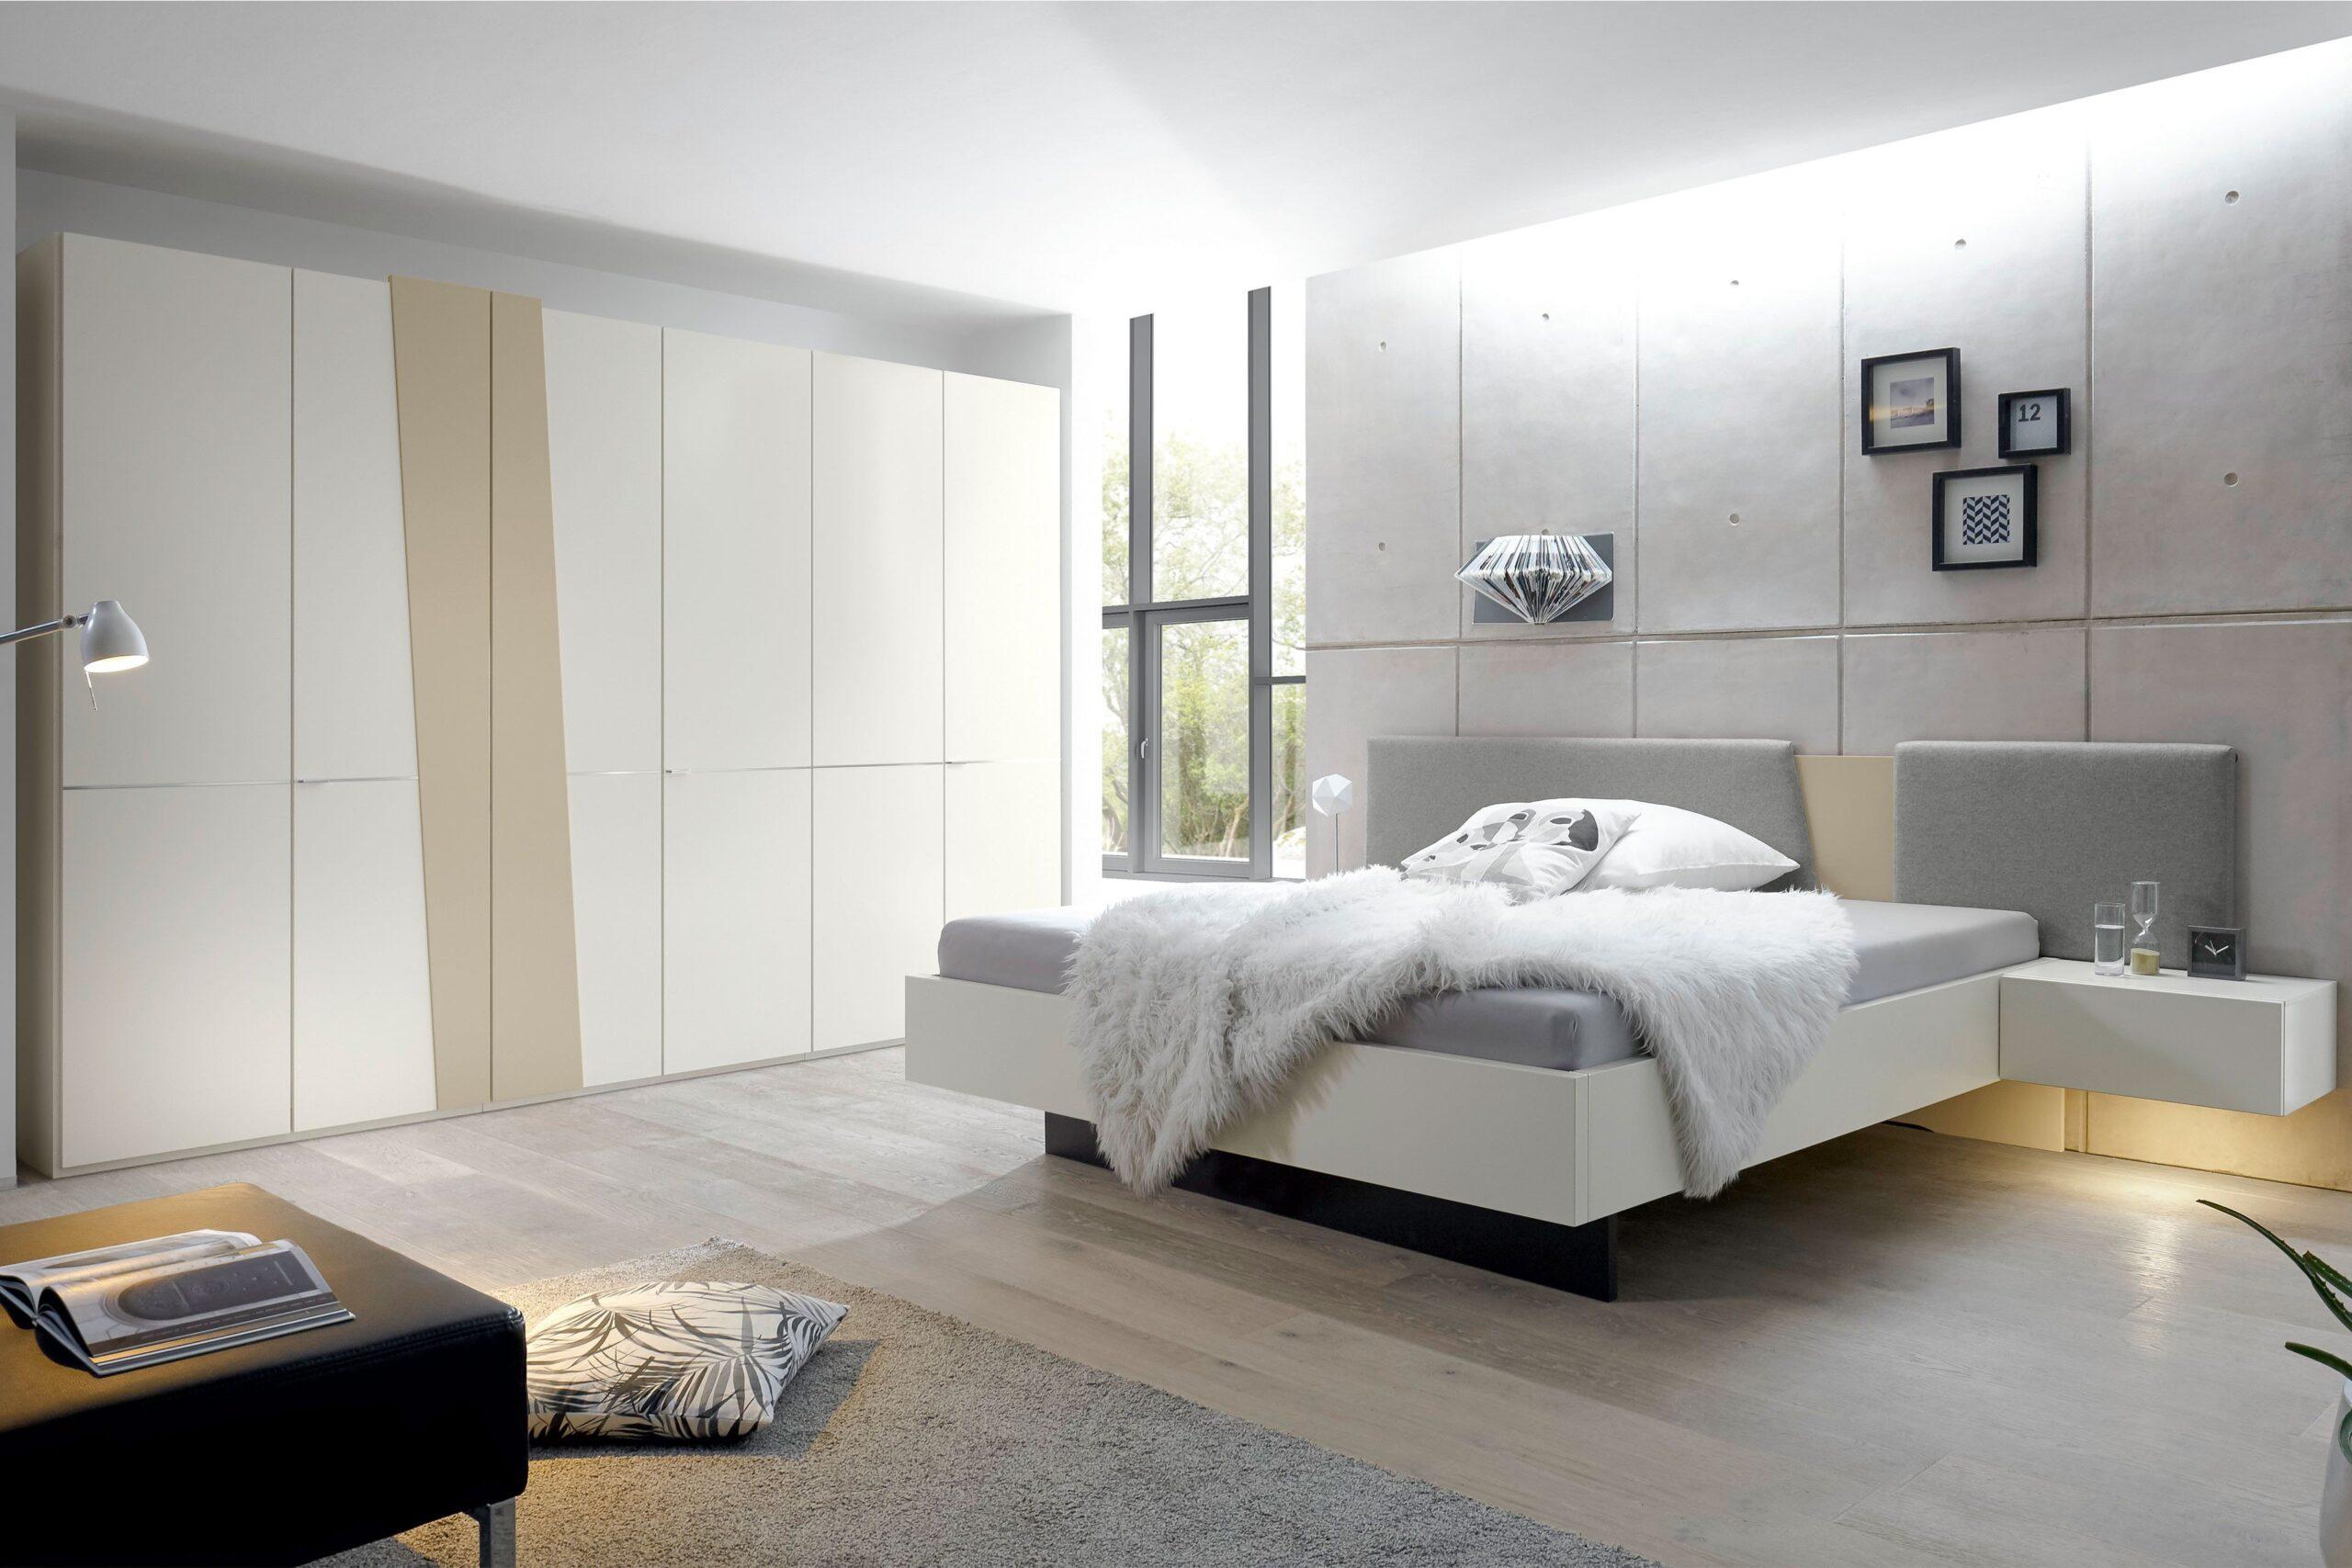 Full Size of Loddenkemper Navaro Bett Schlafzimmer Schrank Kommode Zamaro Wei Eiche Volano Wohnzimmer Loddenkemper Navaro